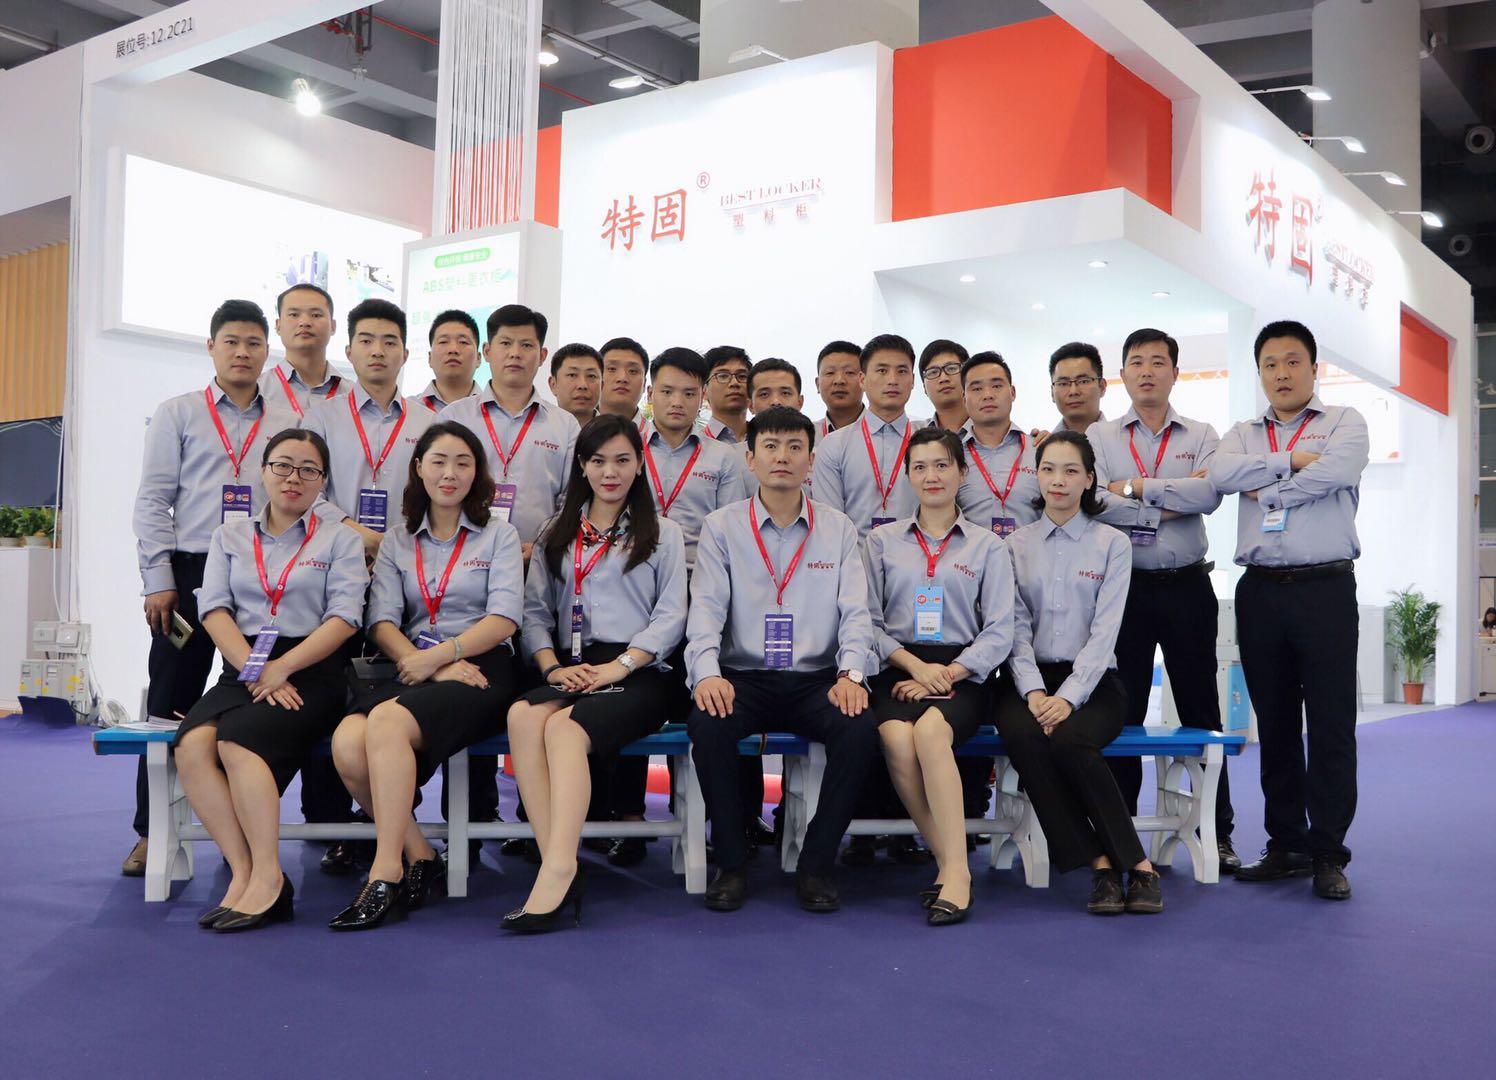 万众瞩目|yabovip22企业2019中国国际家具博览会完美收官!